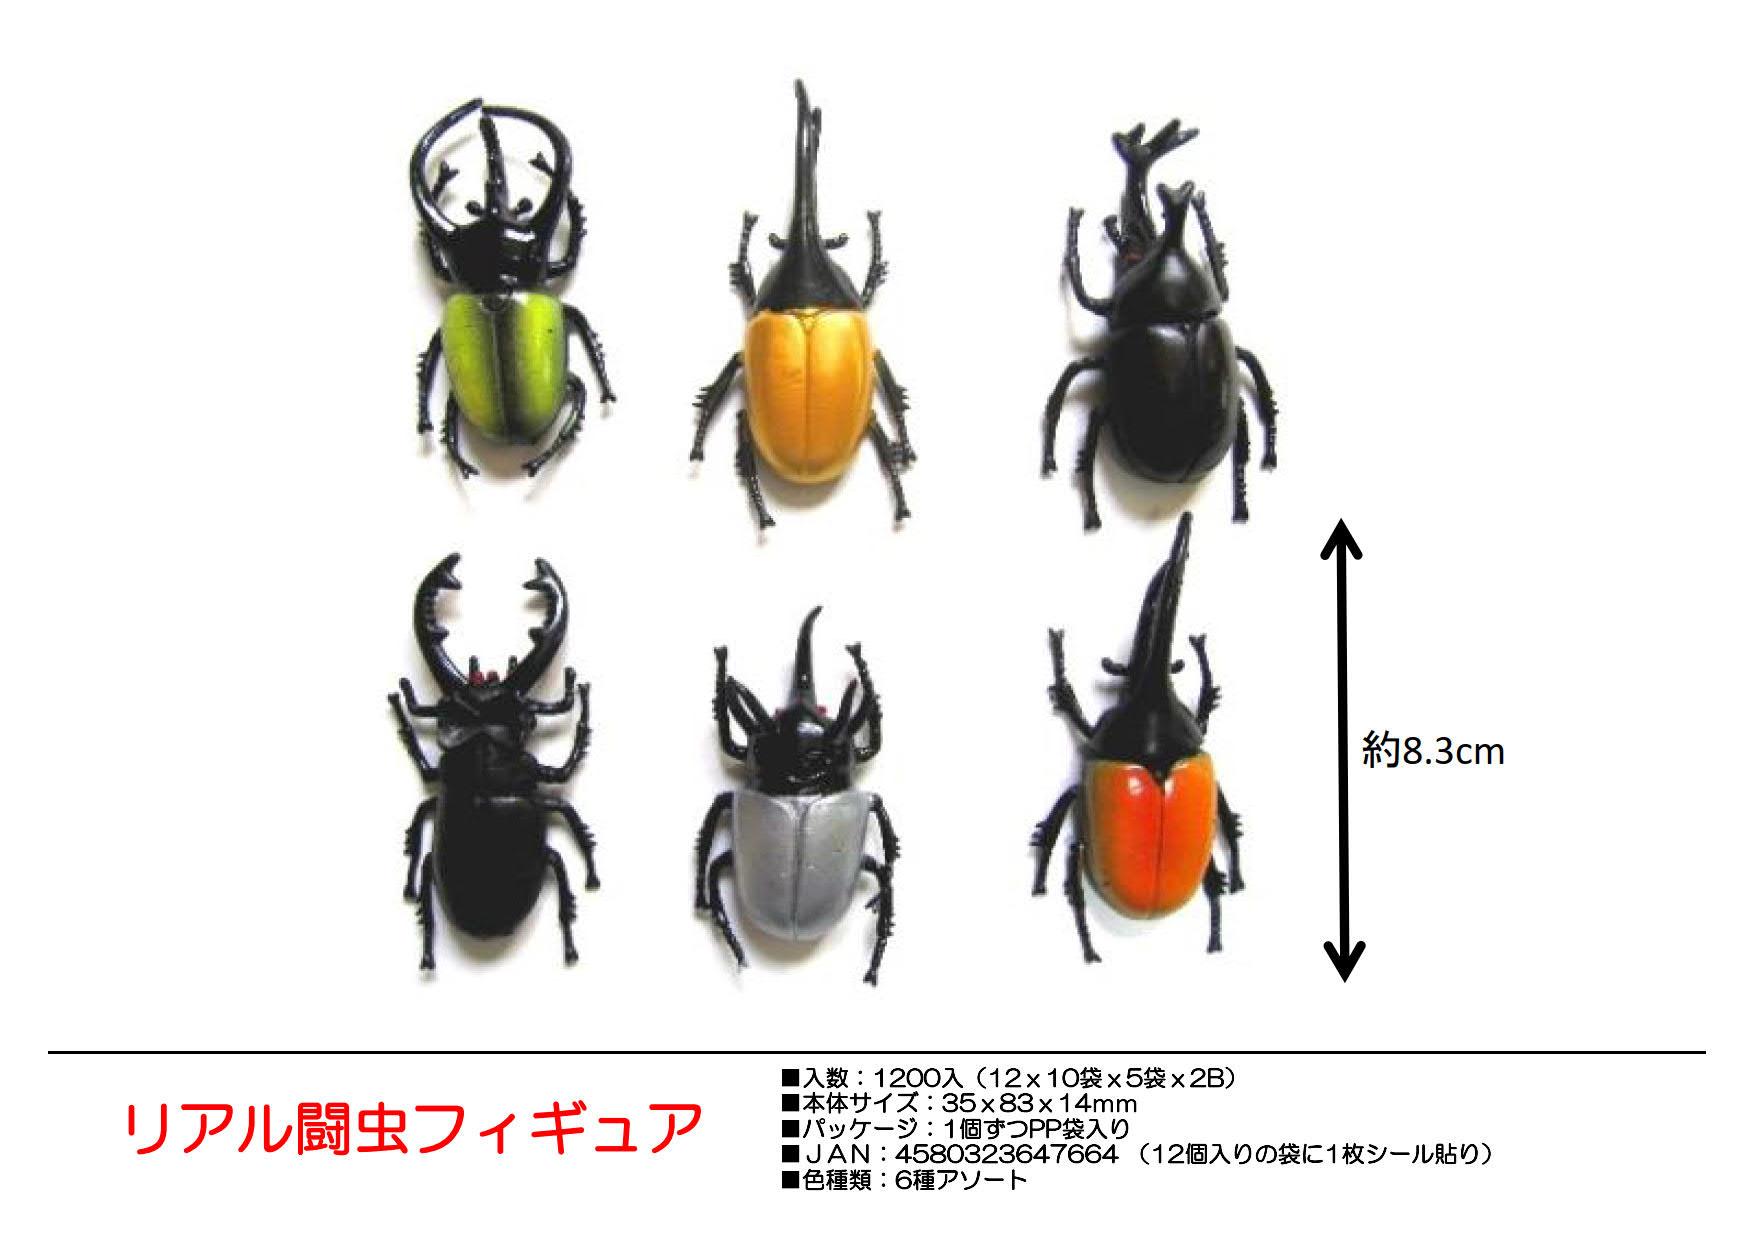 リアル闘虫フィギュア 6種アソート